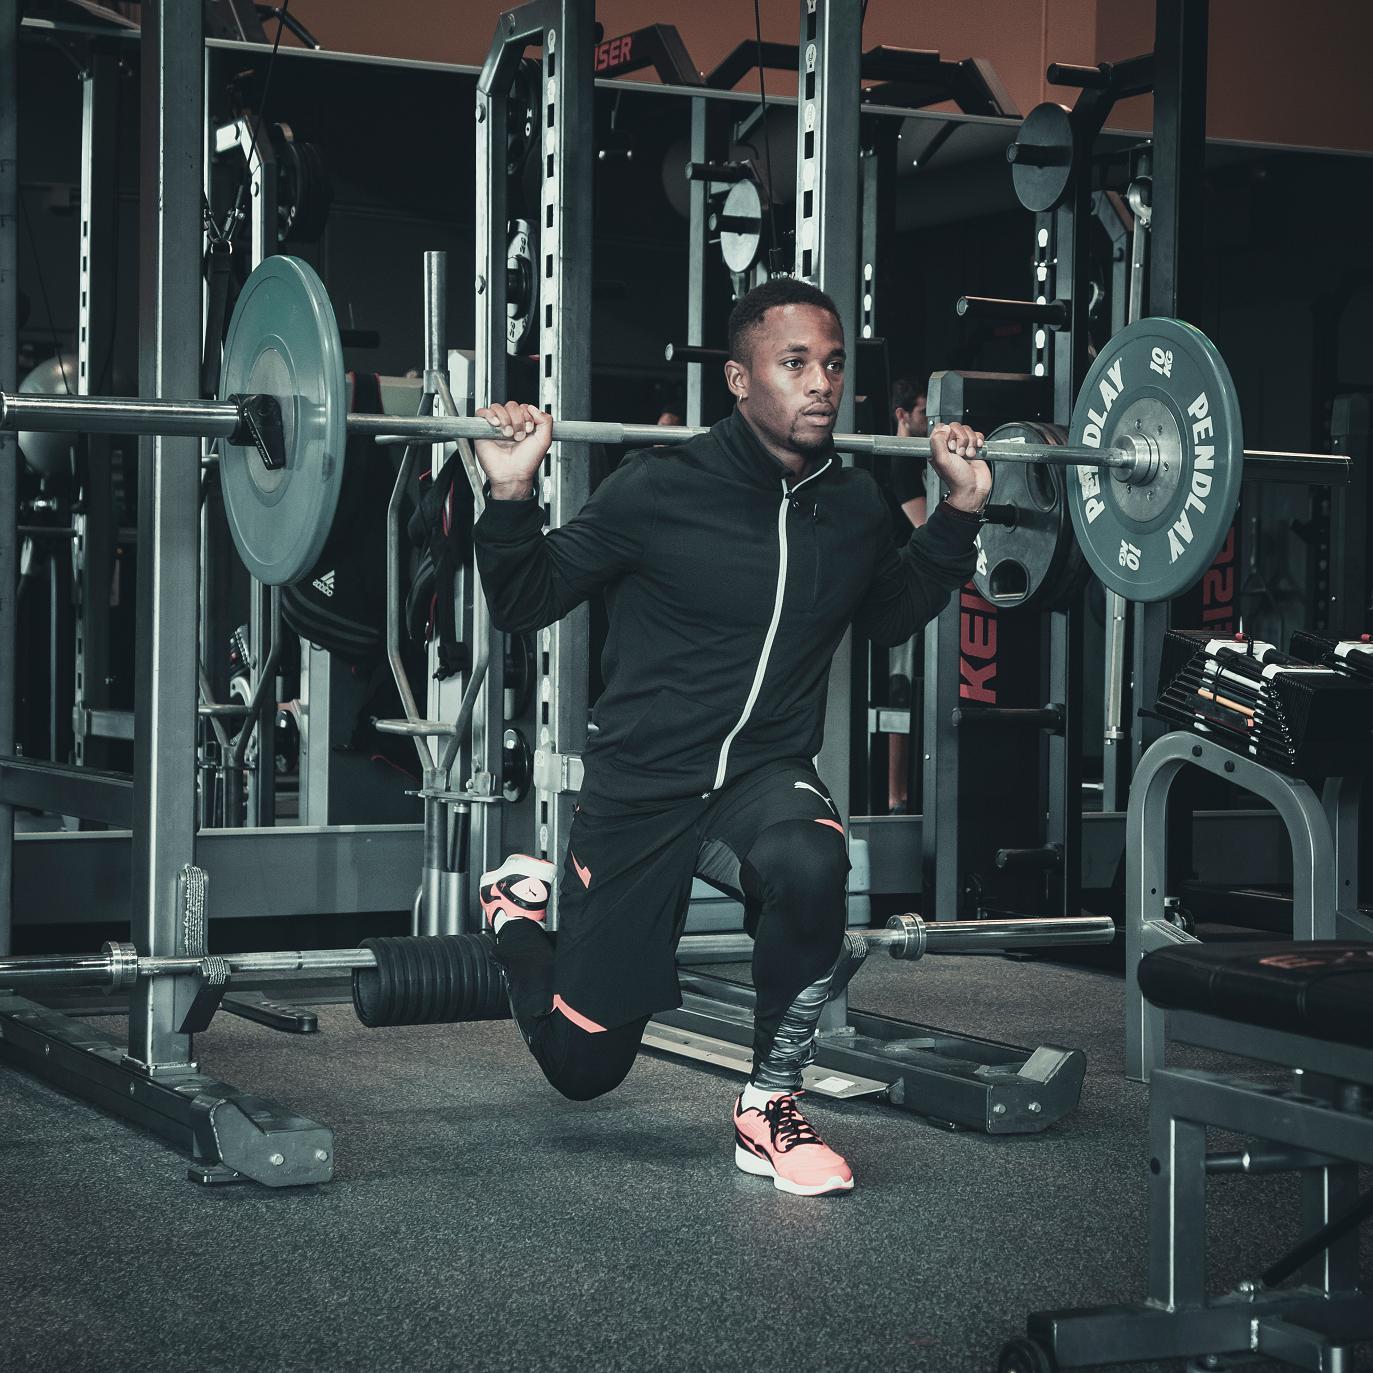 Circuito Gym : Persone circuito di allenamento in palestra foto immagine stock